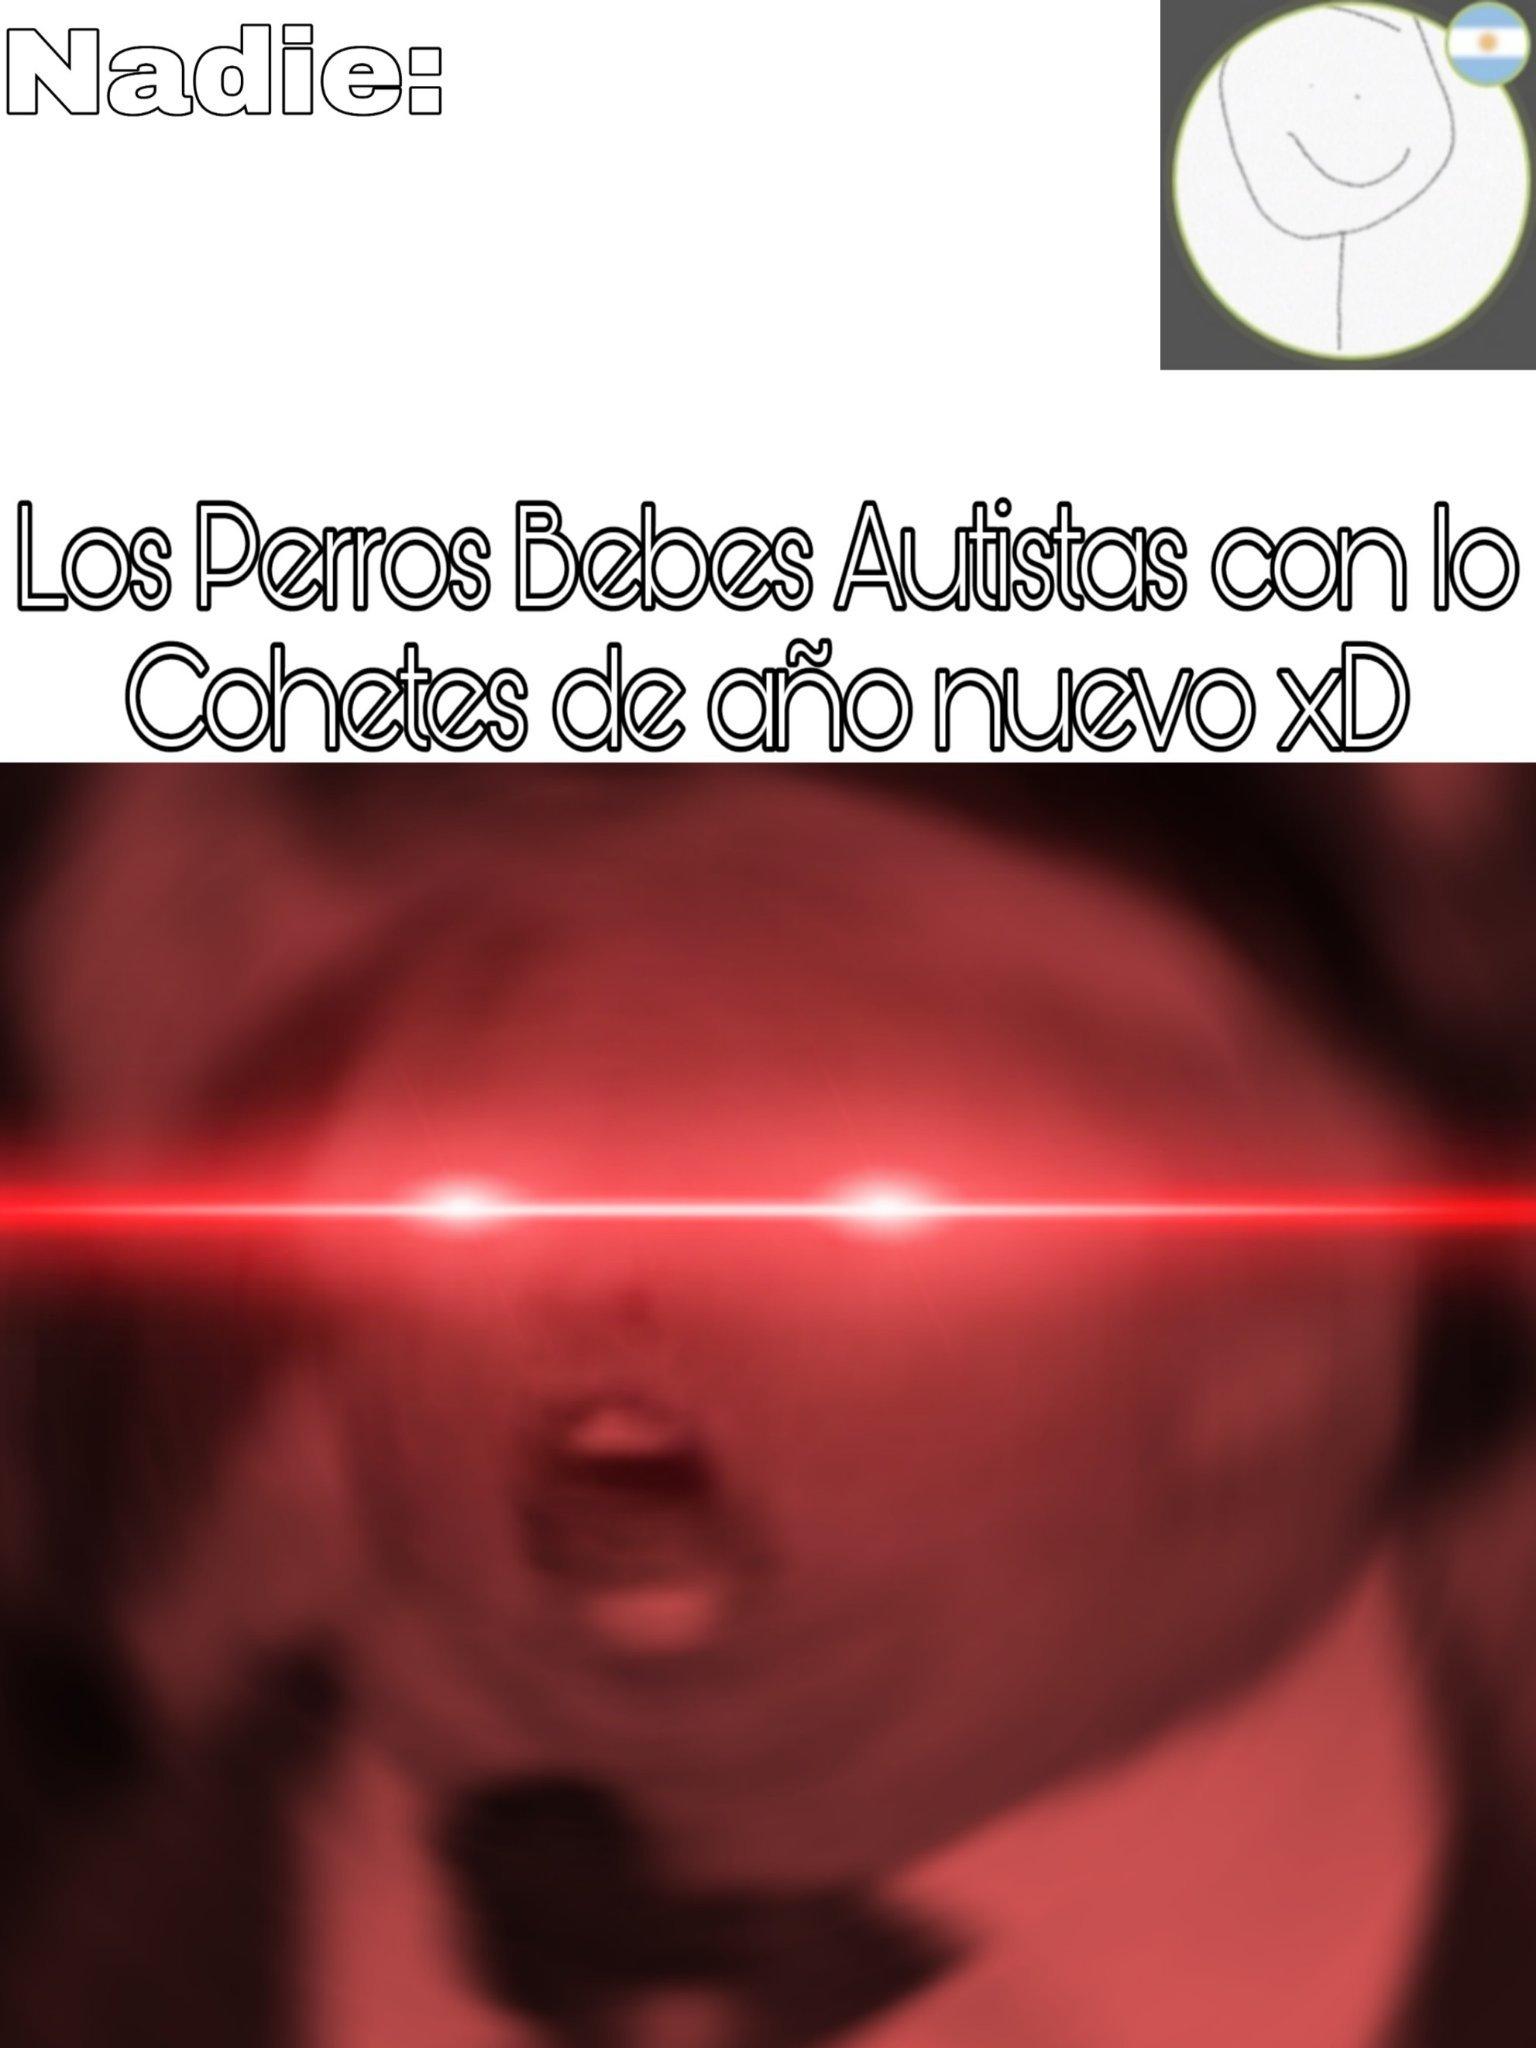 TitulosObligatoriosDeMrd - meme